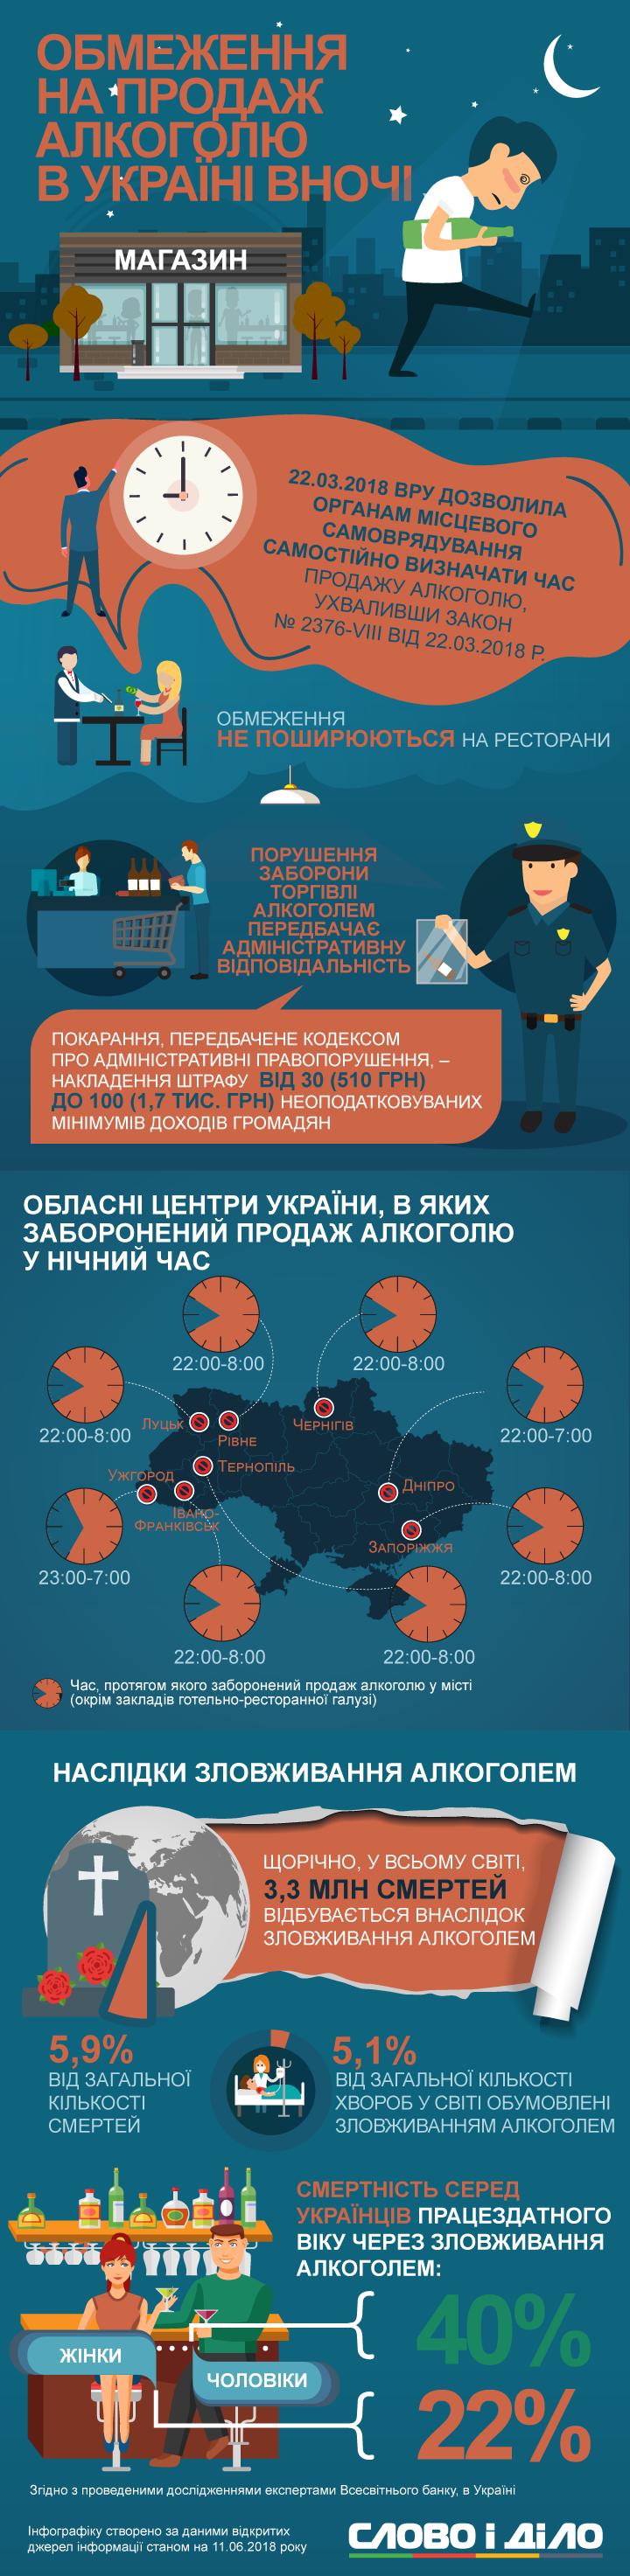 У Чернігові, Черкасах, Ужгороді, Луцьку, Івано-Франківську та Львові вже заборонено продавати спиртне вночі. В столиці суд скасував таке рішення міськради.